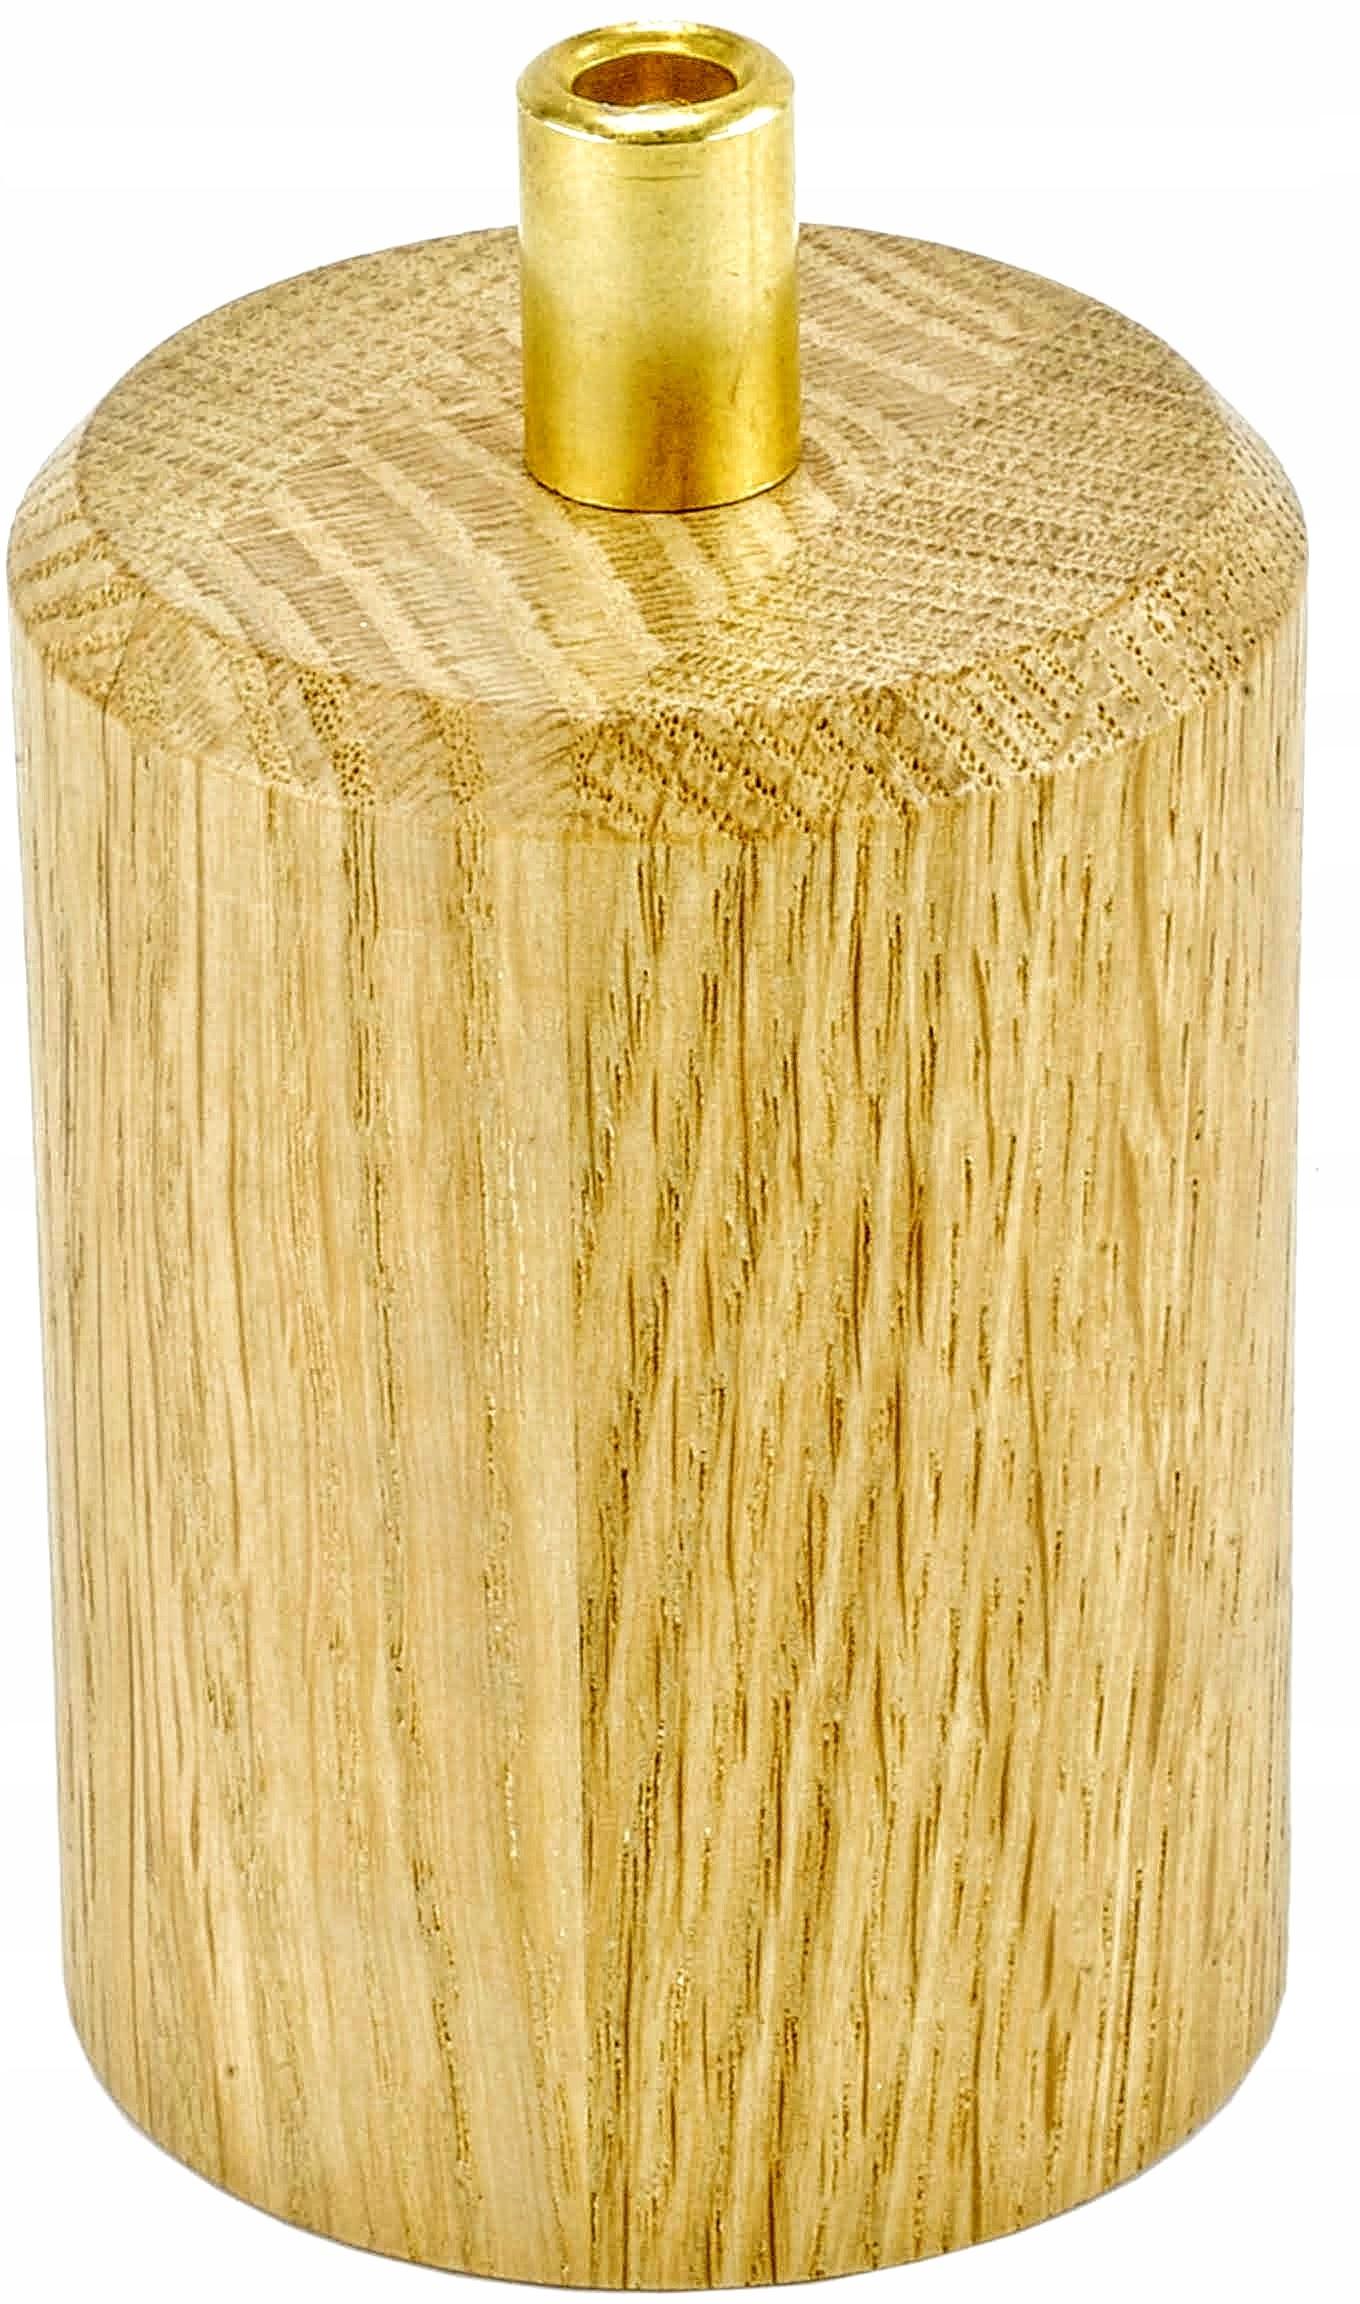 lampholder e27 dubového dreva s lock, spider RETRO